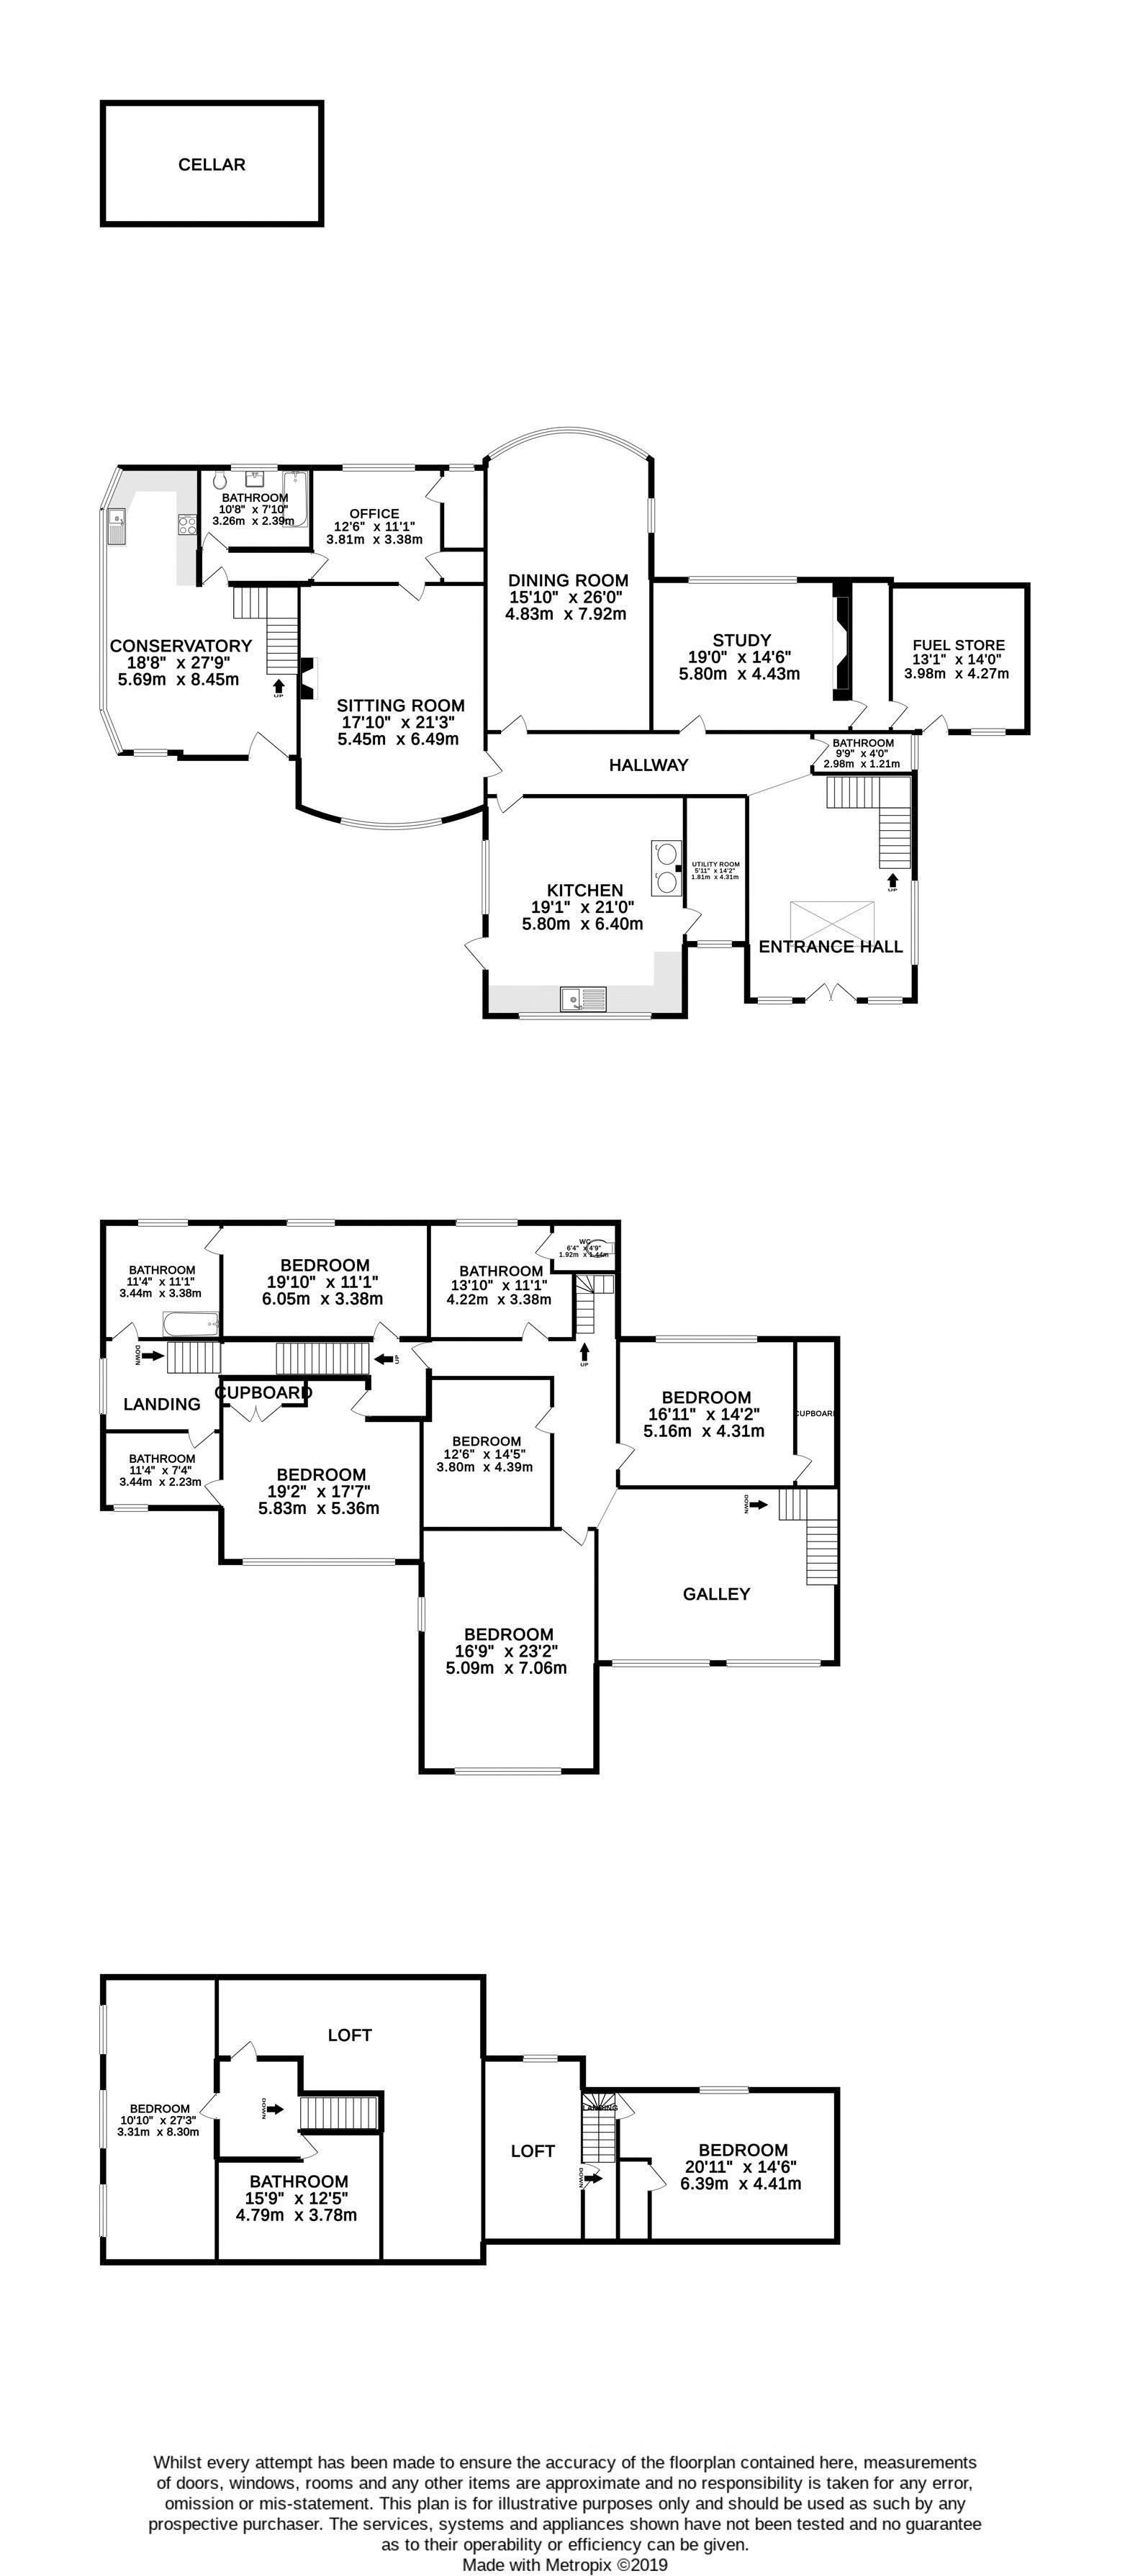 Total Floorplan